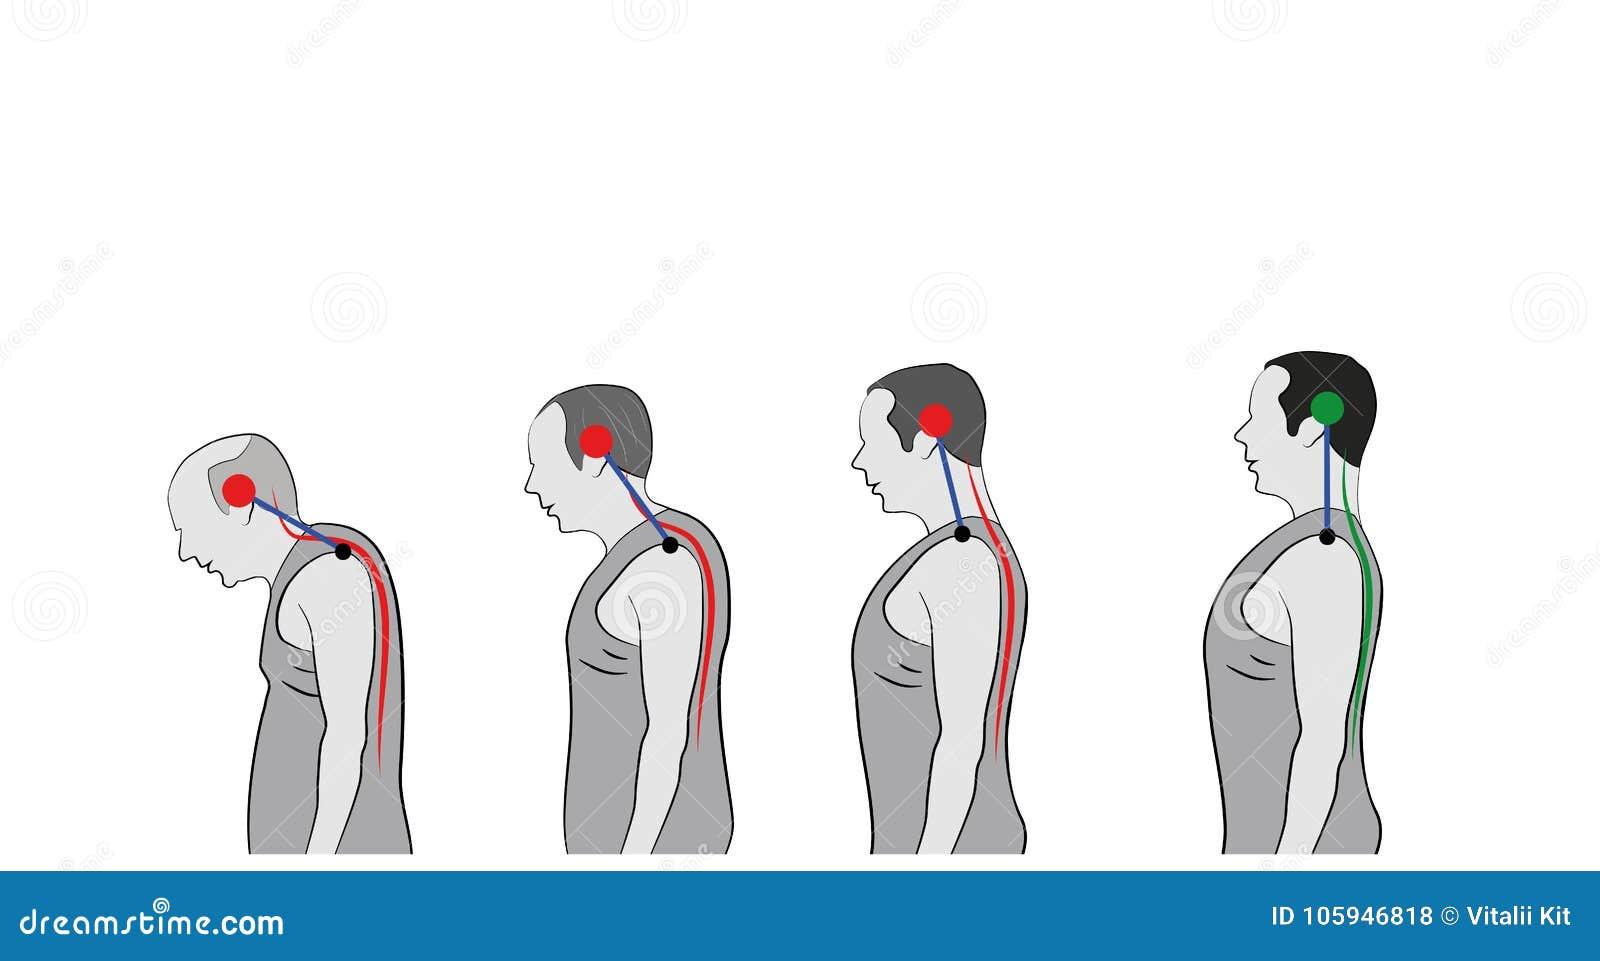 Utveckling av en luta sig ner slagställning med ålder som visar ökande krökning av ryggen